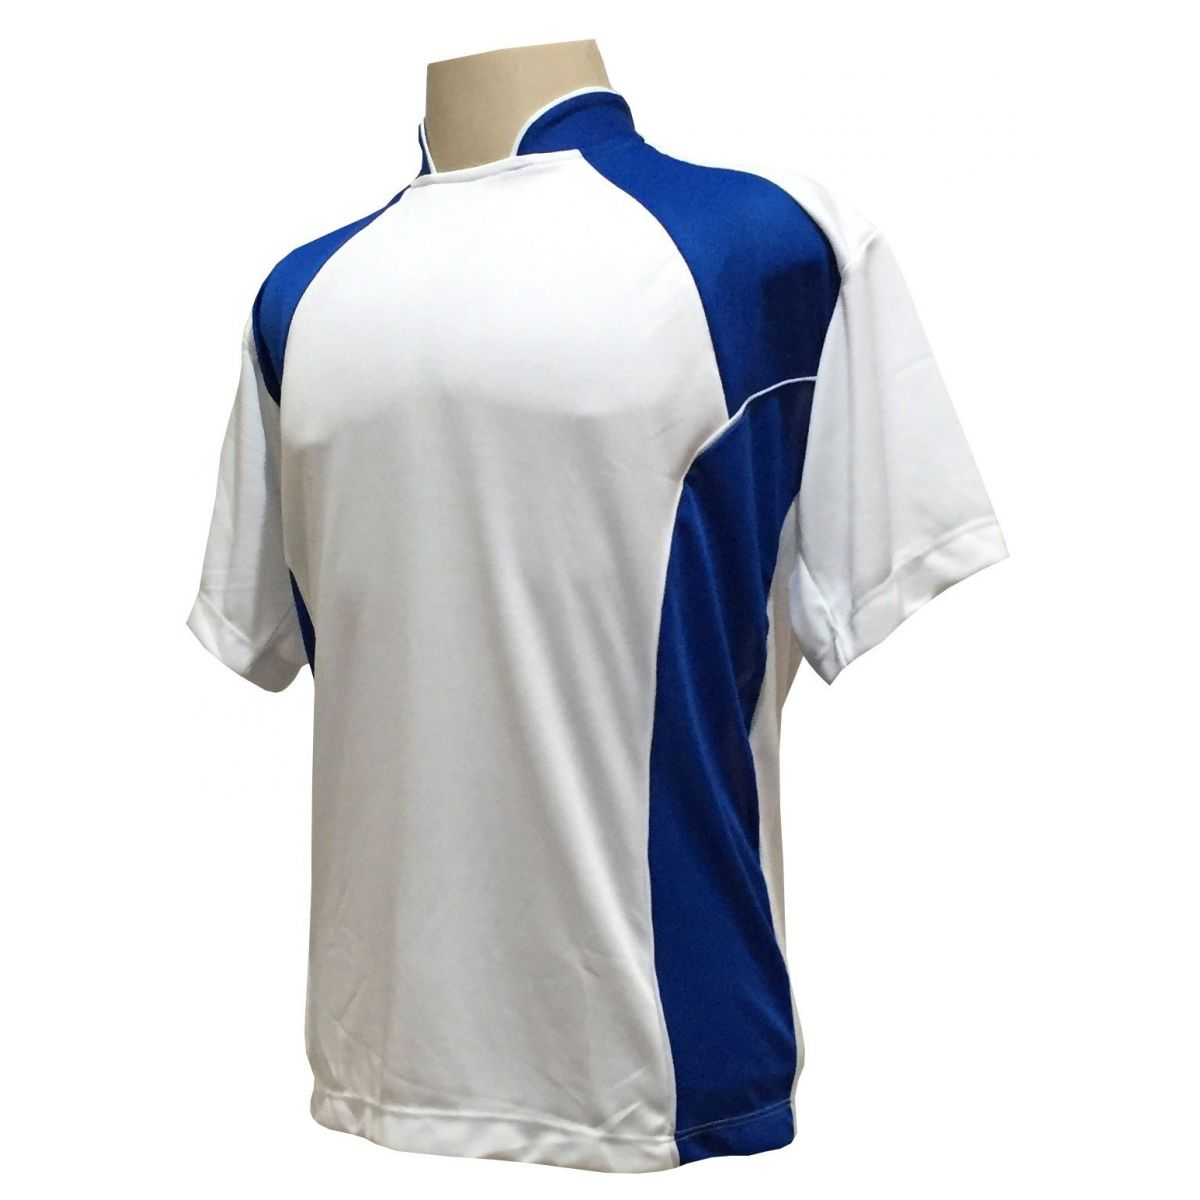 Uniforme Esportivo com 14 camisas modelo Suécia Branco/Royal + 14 calções modelo Madrid Branco + 14 pares de meiões Royal